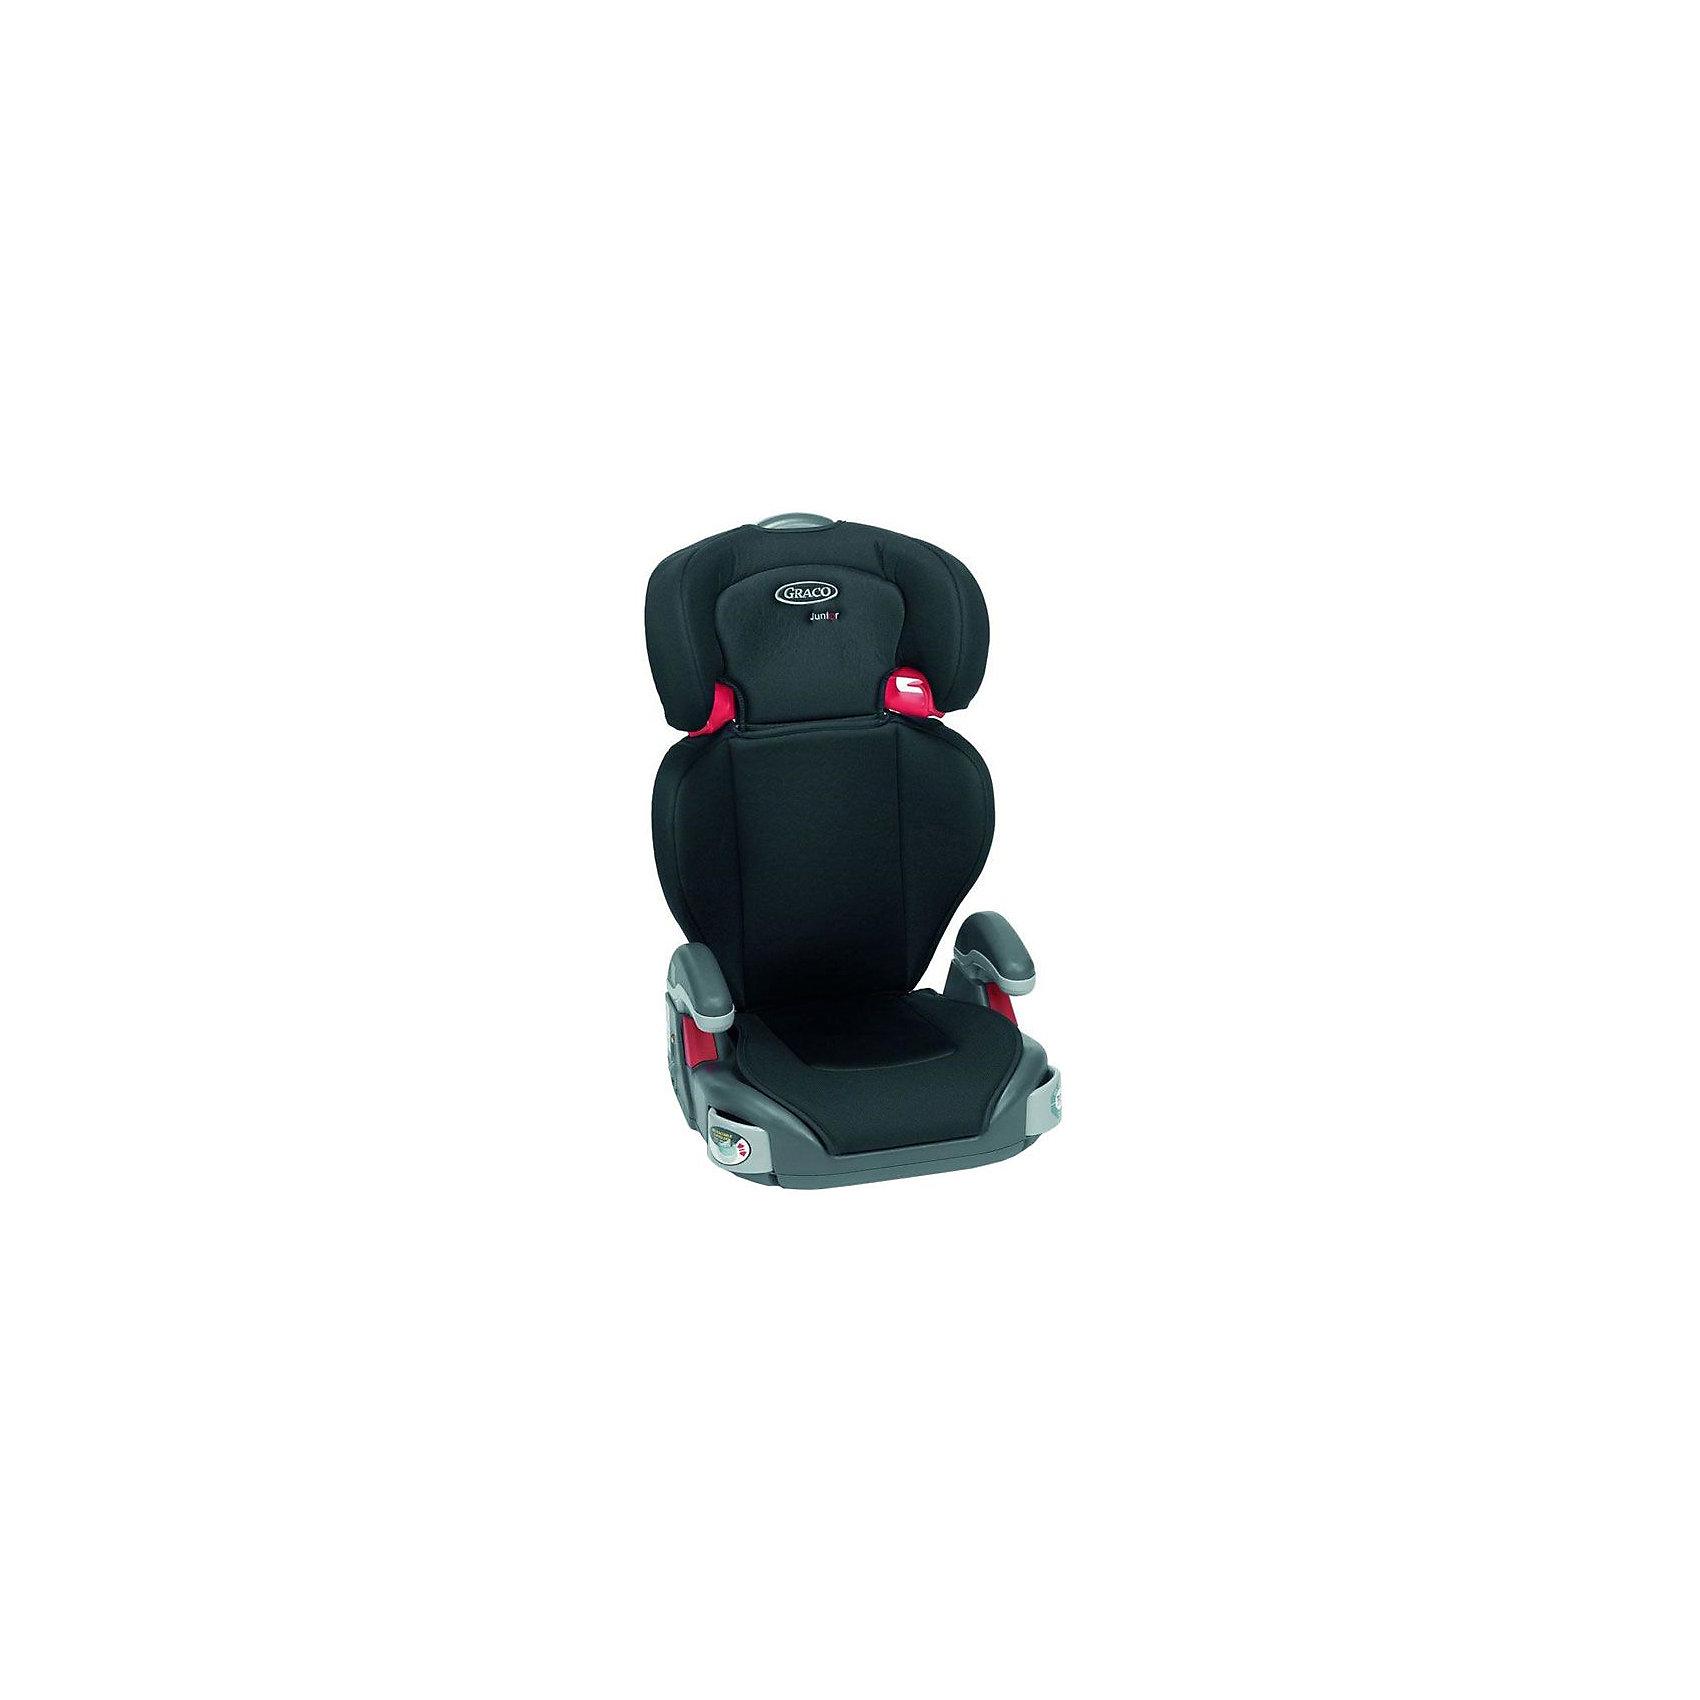 Бустер 2-в-1 Junior Maxi Sport Luxe 15-36 кг, Graco, черный